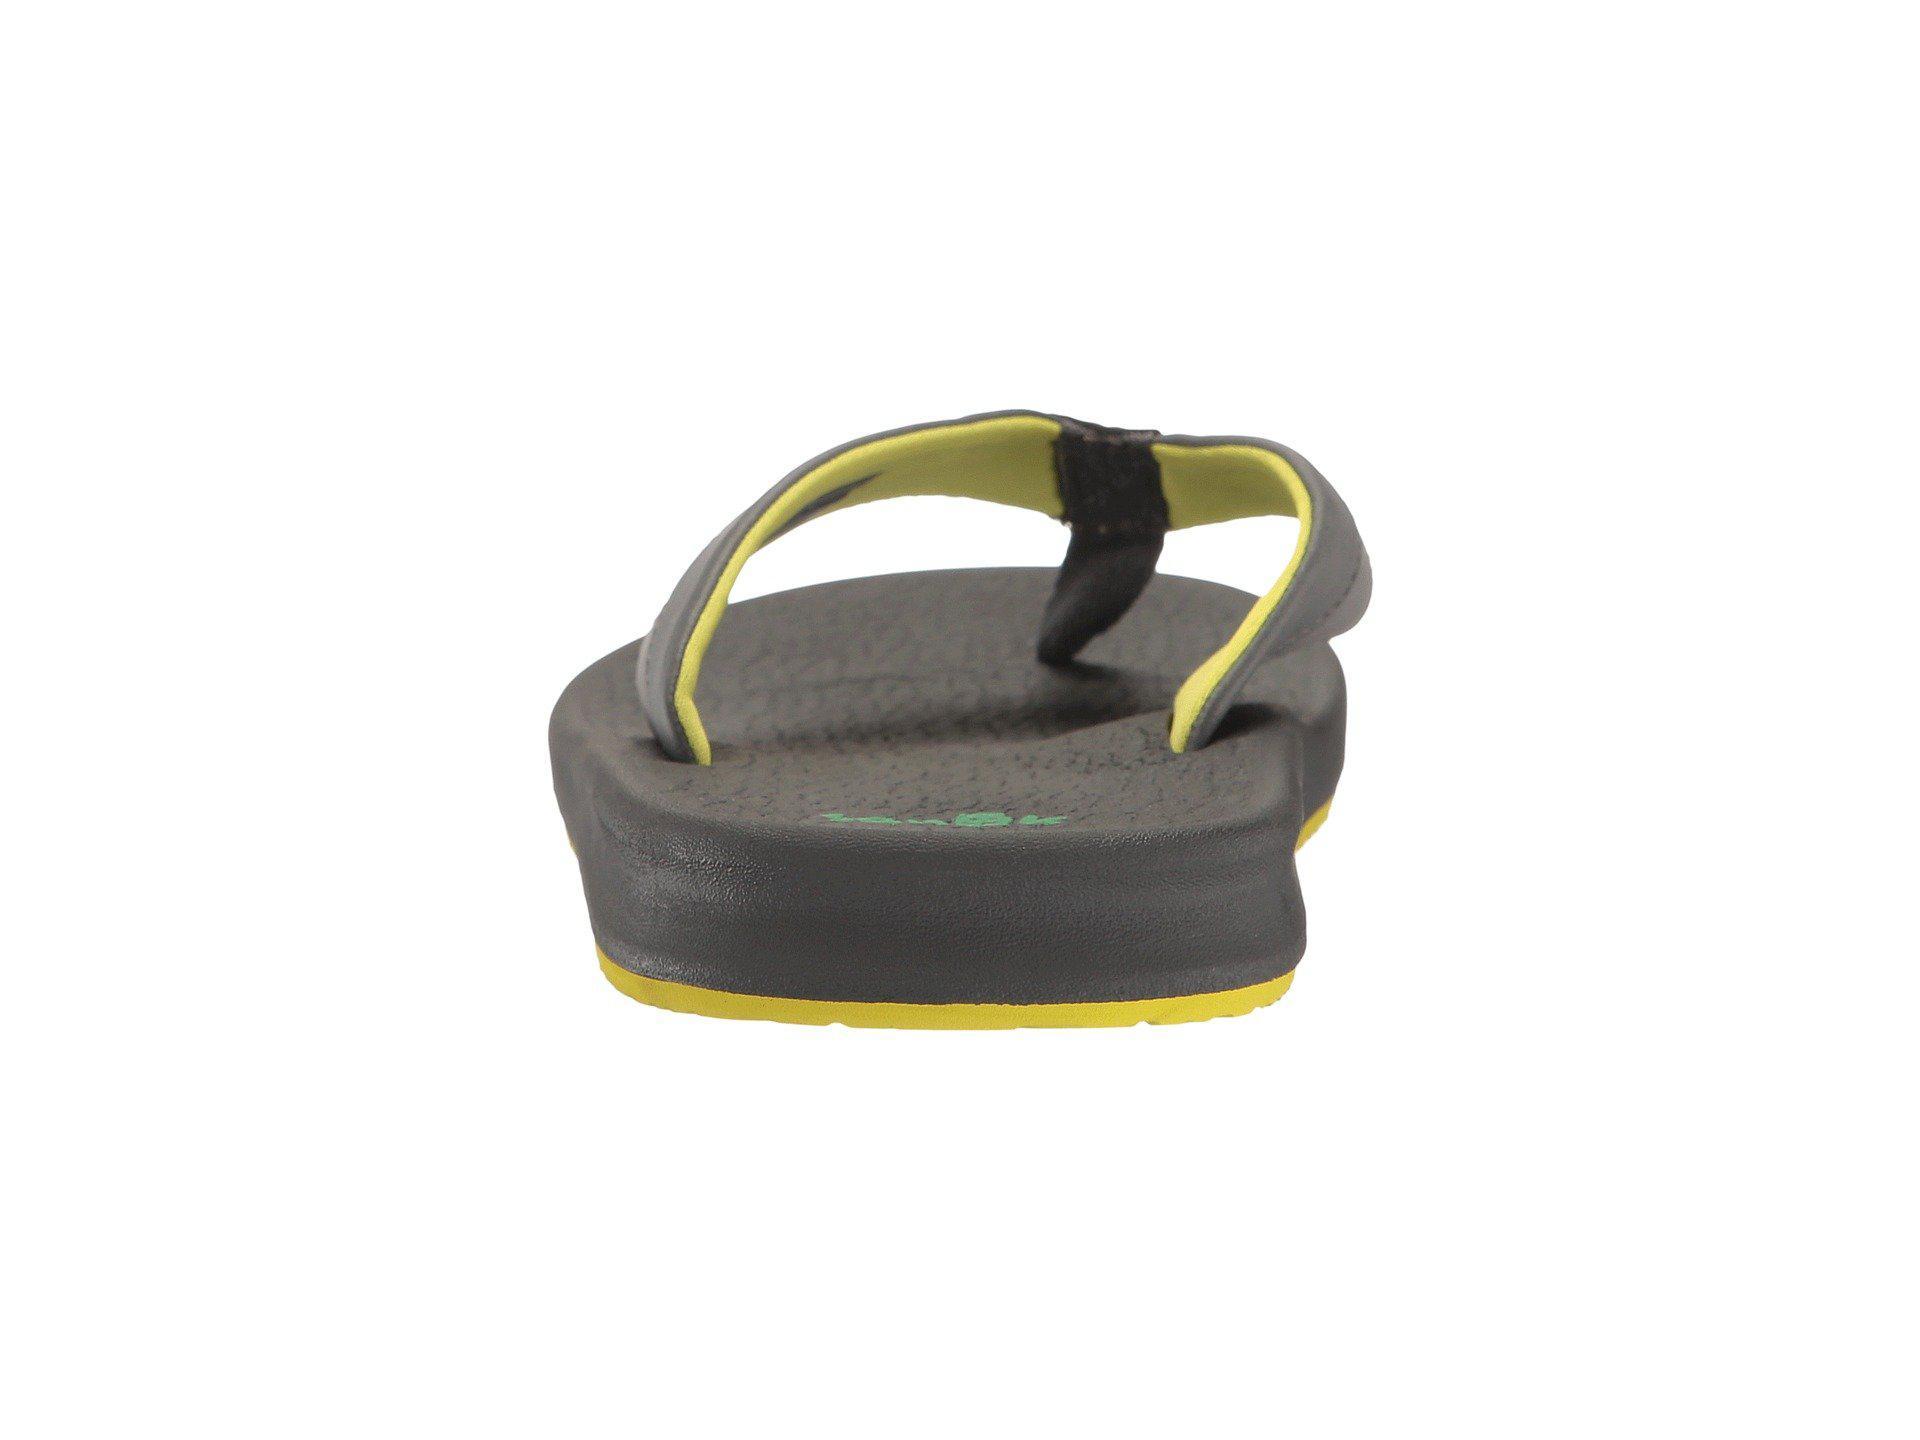 Sanuk Brumeister Thong Sandal In Gray For Men Lyst